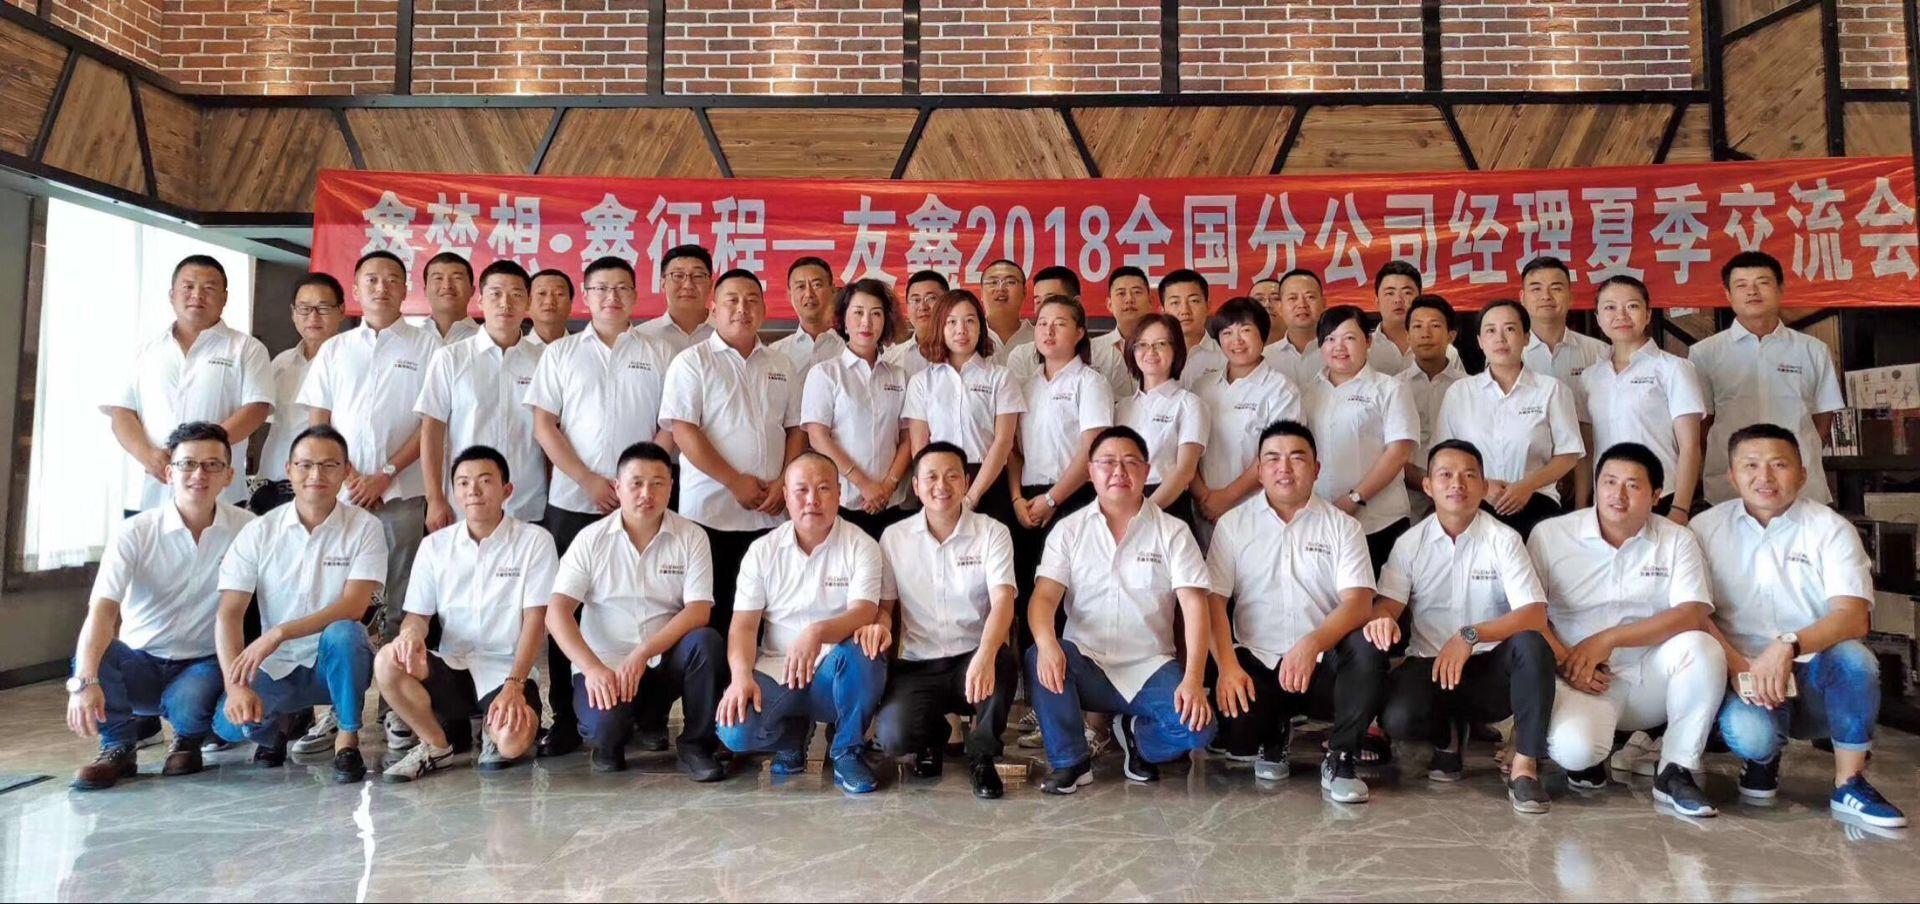 友鑫宠物托运全国连锁专业宠物托运公司